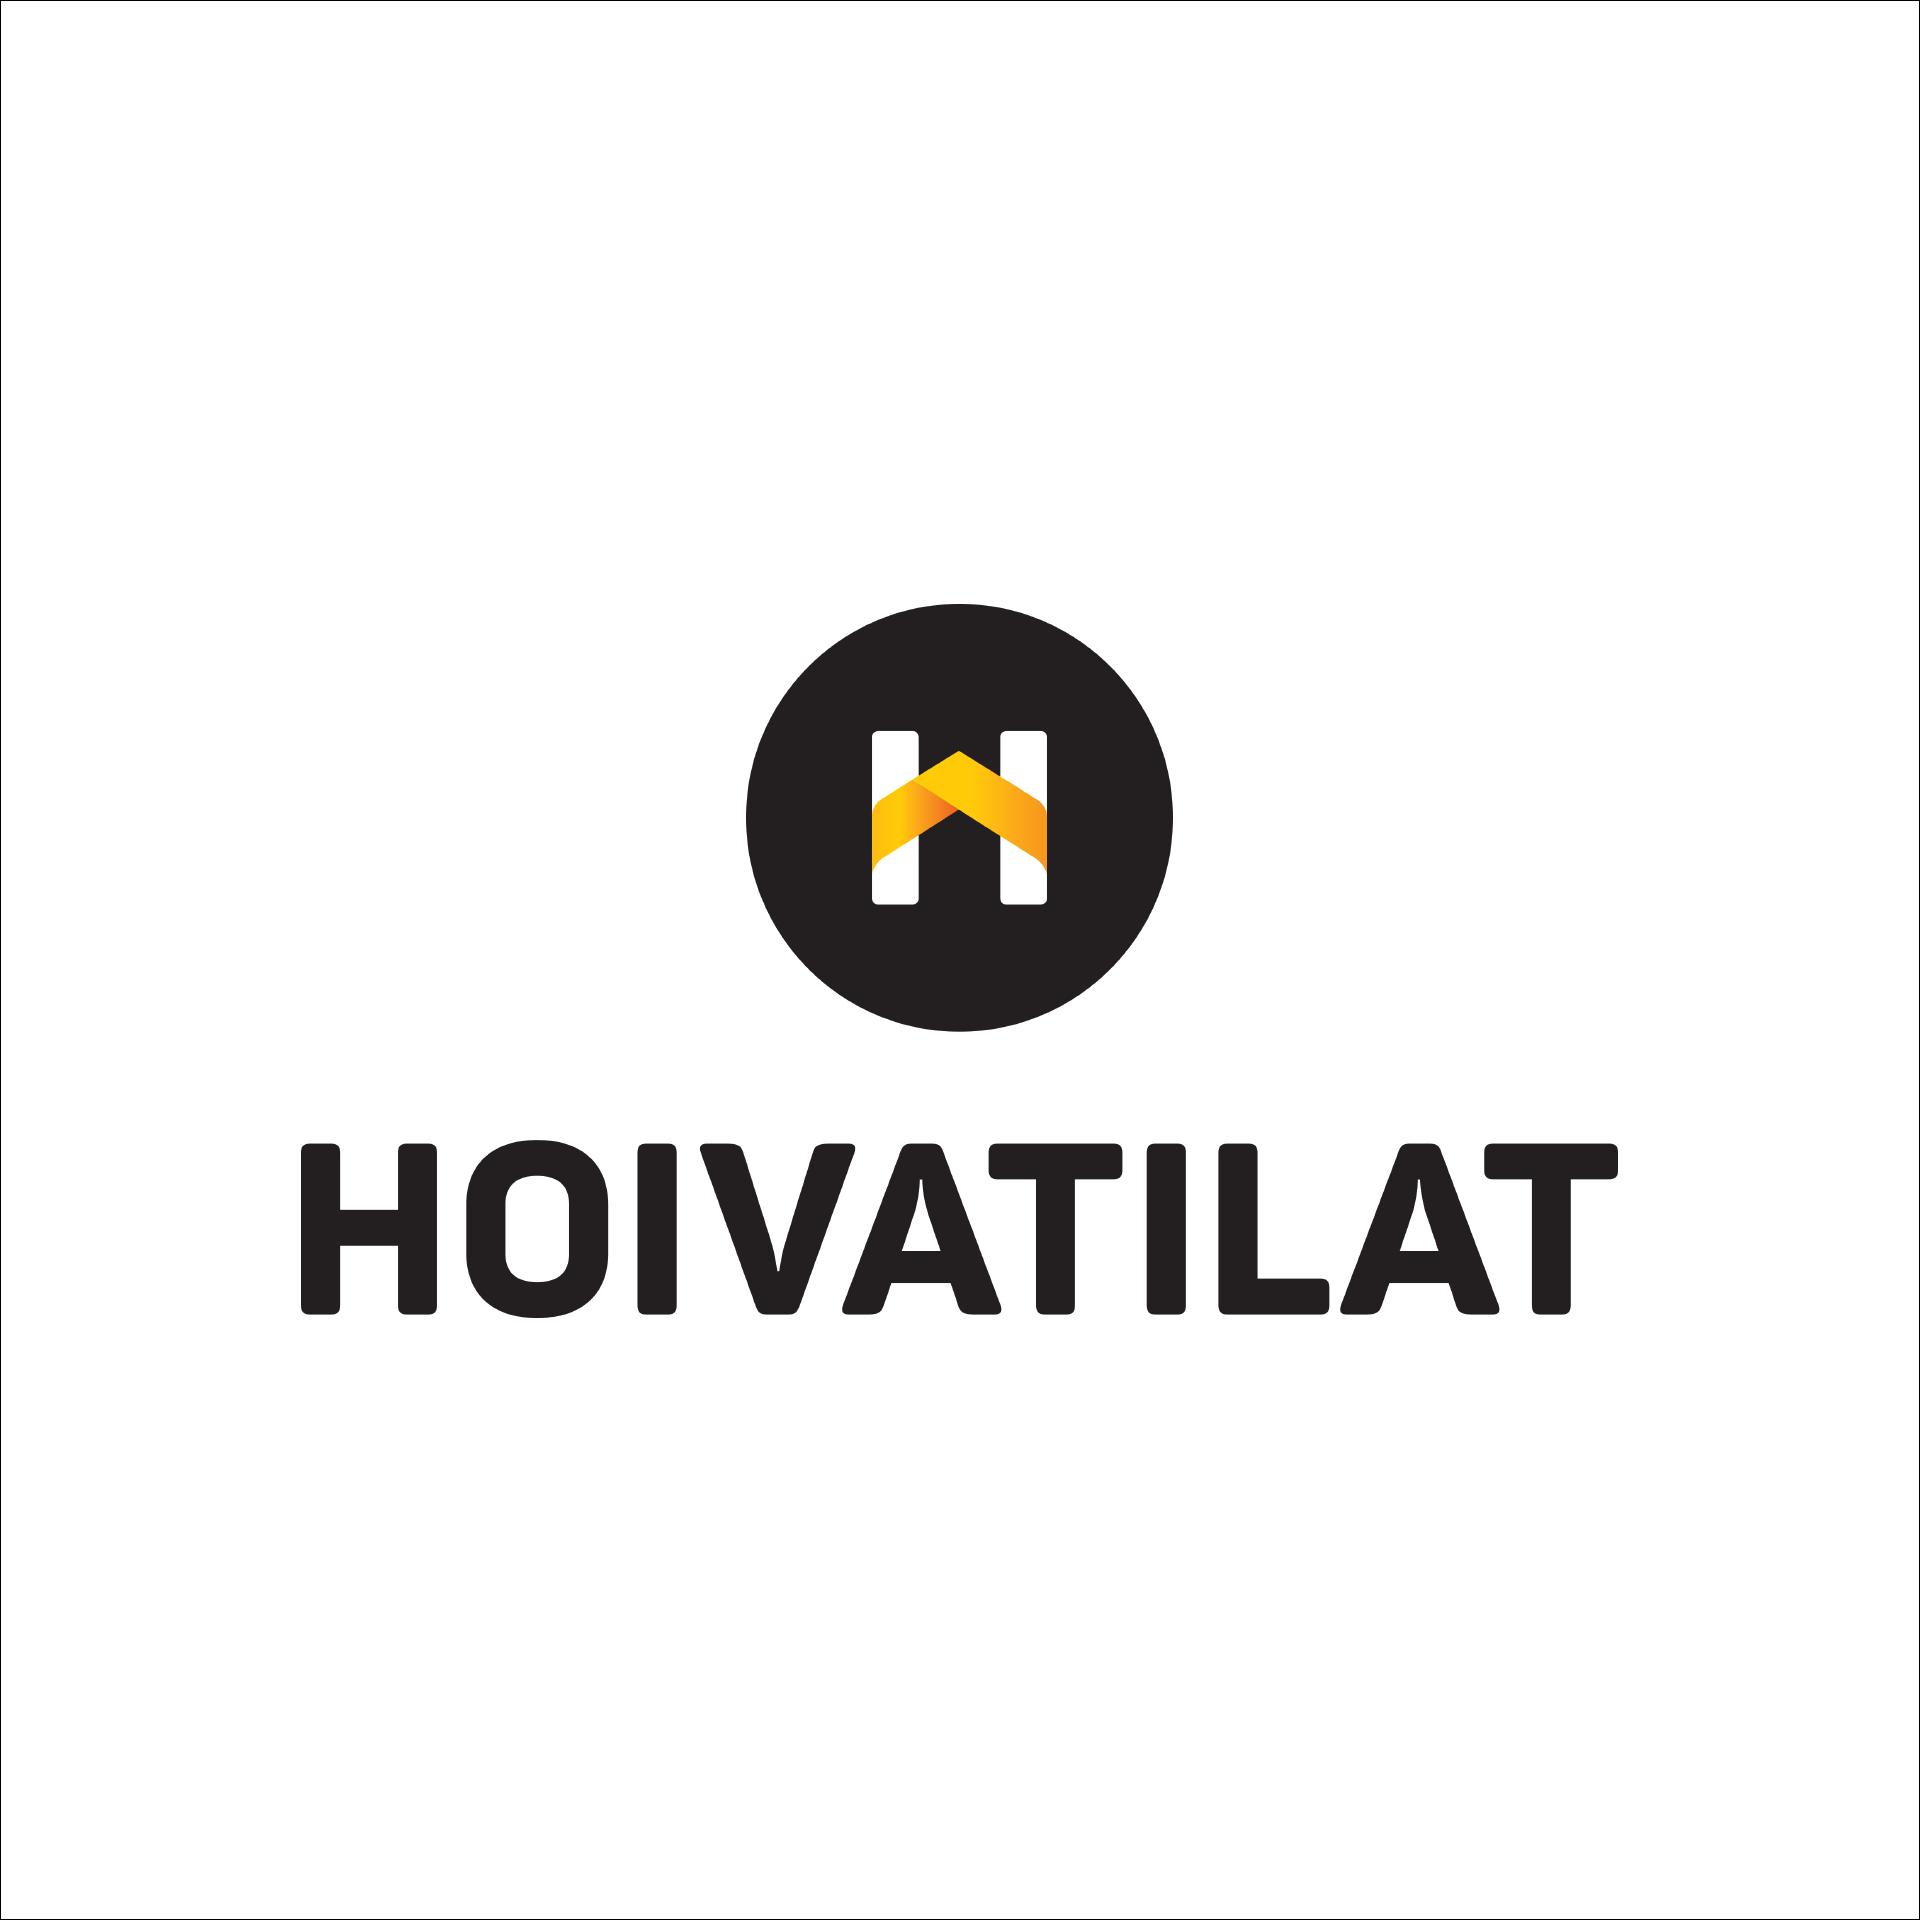 HOIVATILATLOGOVALKTAKA.png